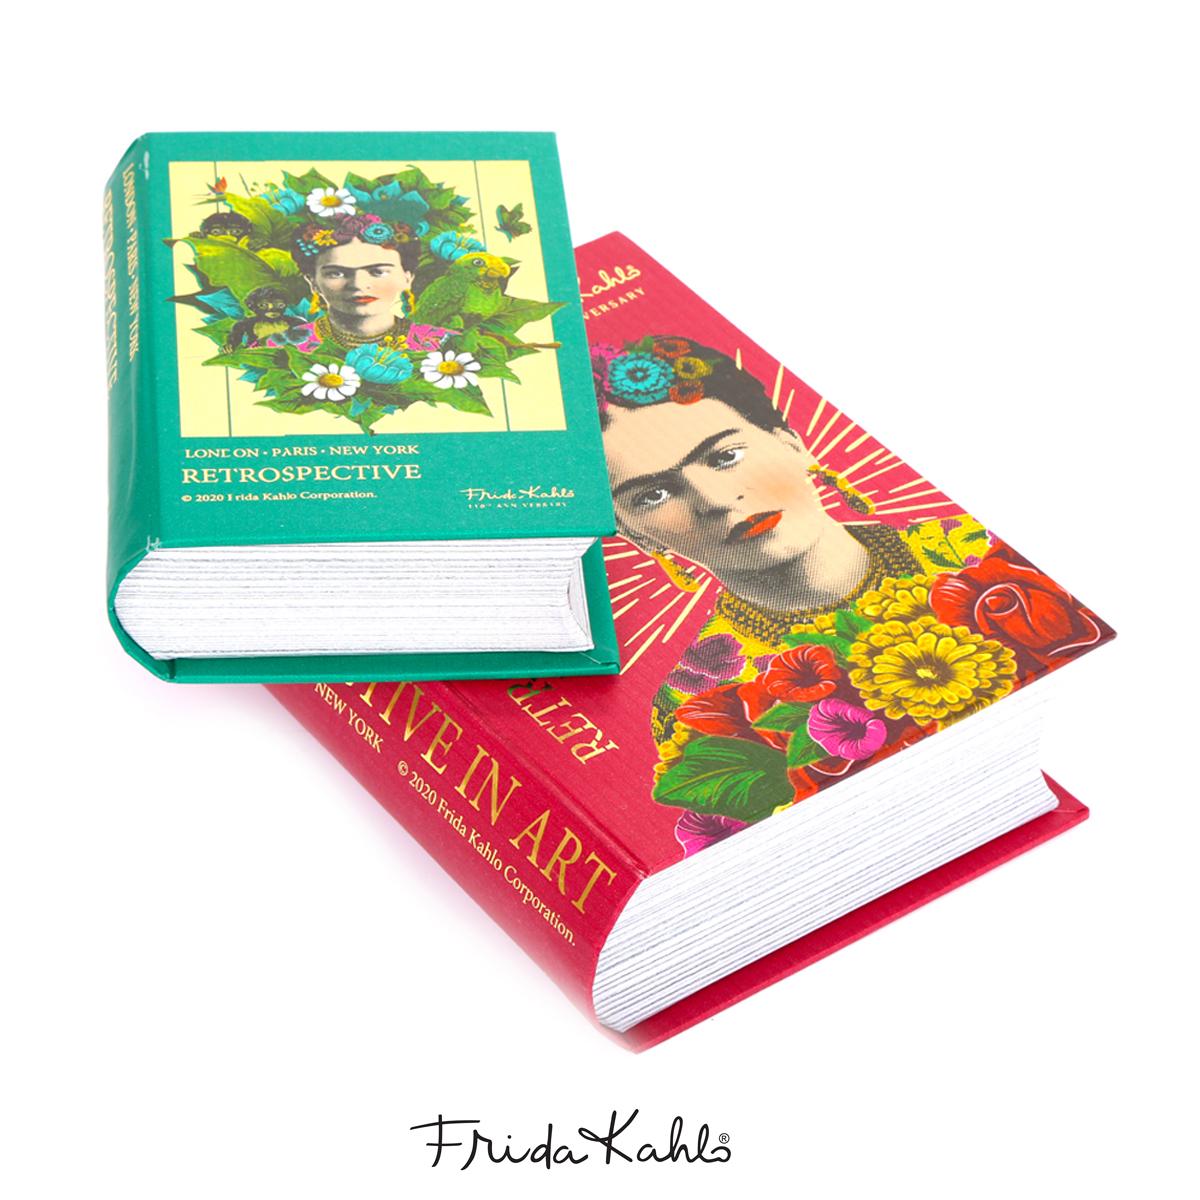 2 boites gigognes livres \'Frida Kahlo\' vert rouge - 17x135x5 cm et 135x10x4 cm - [A0607]